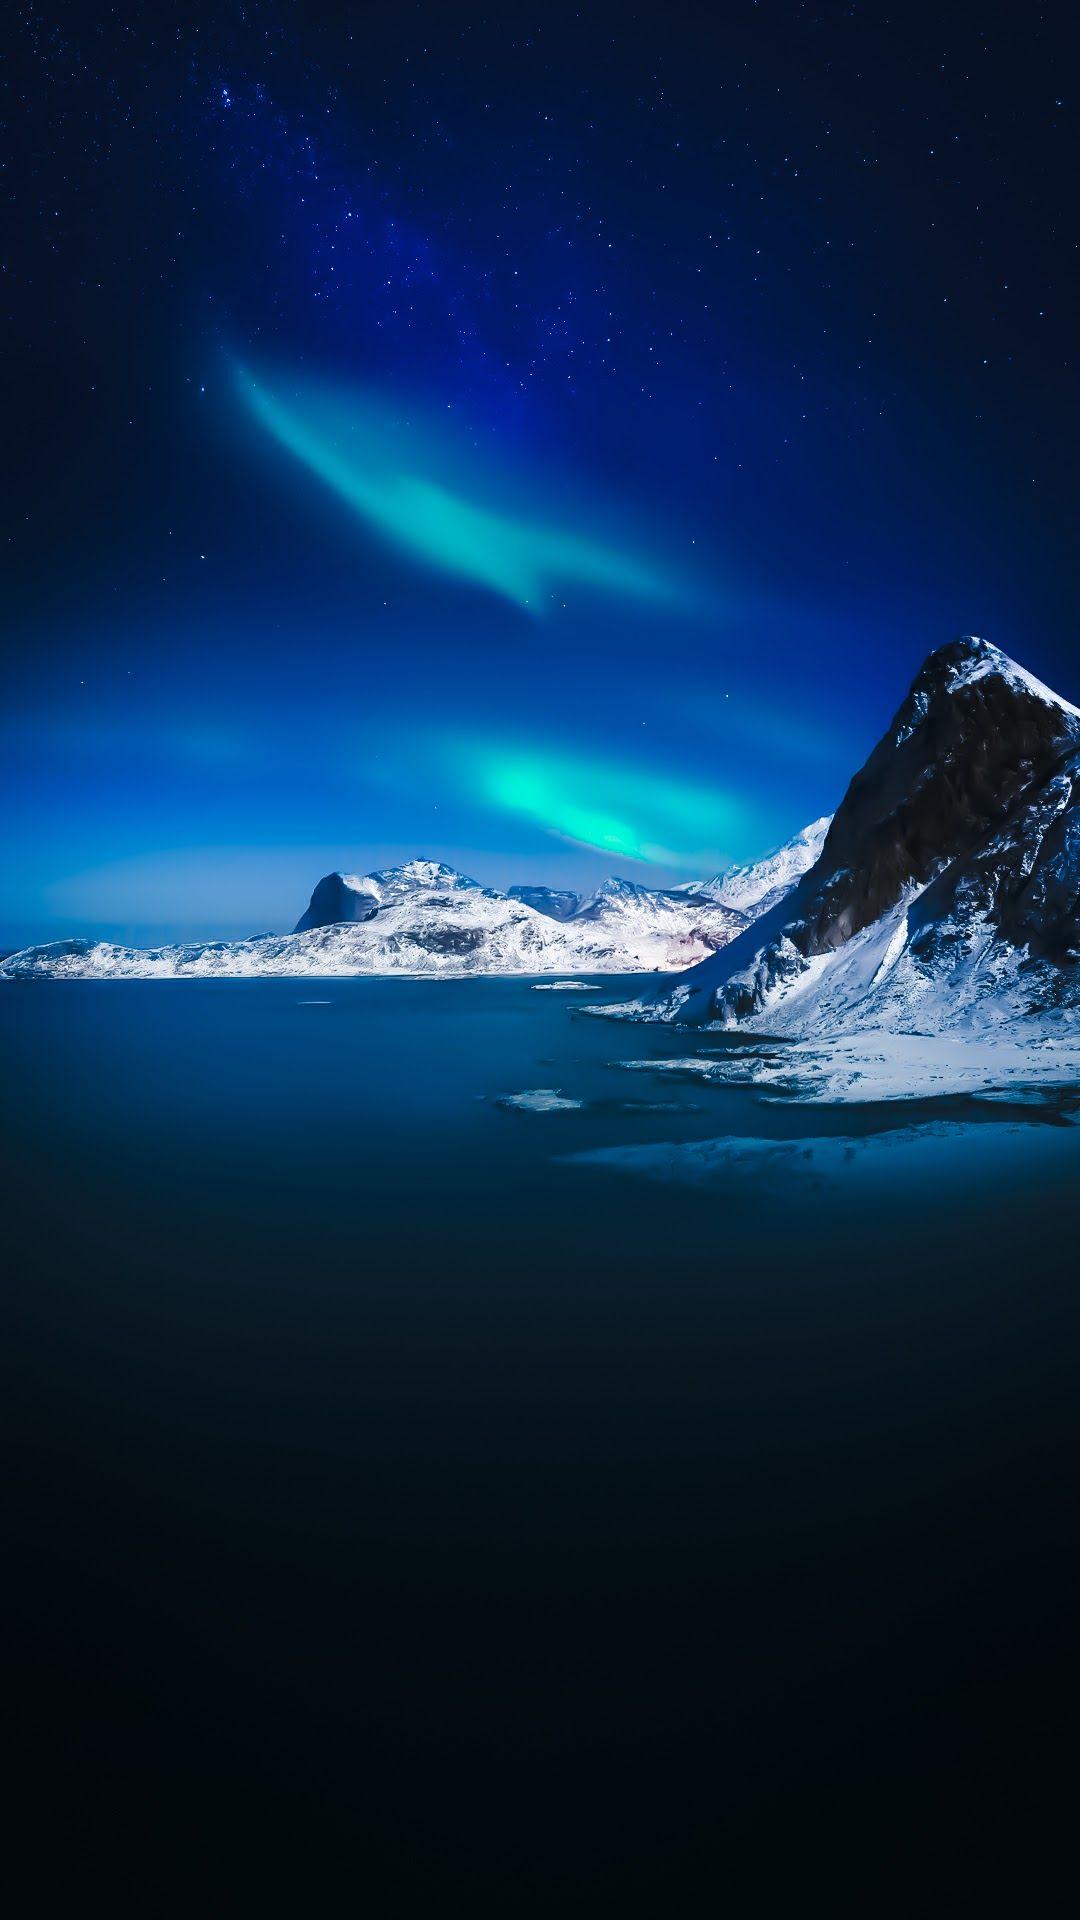 Необычные картинки гор и природы для заставки телефон - сборка 17